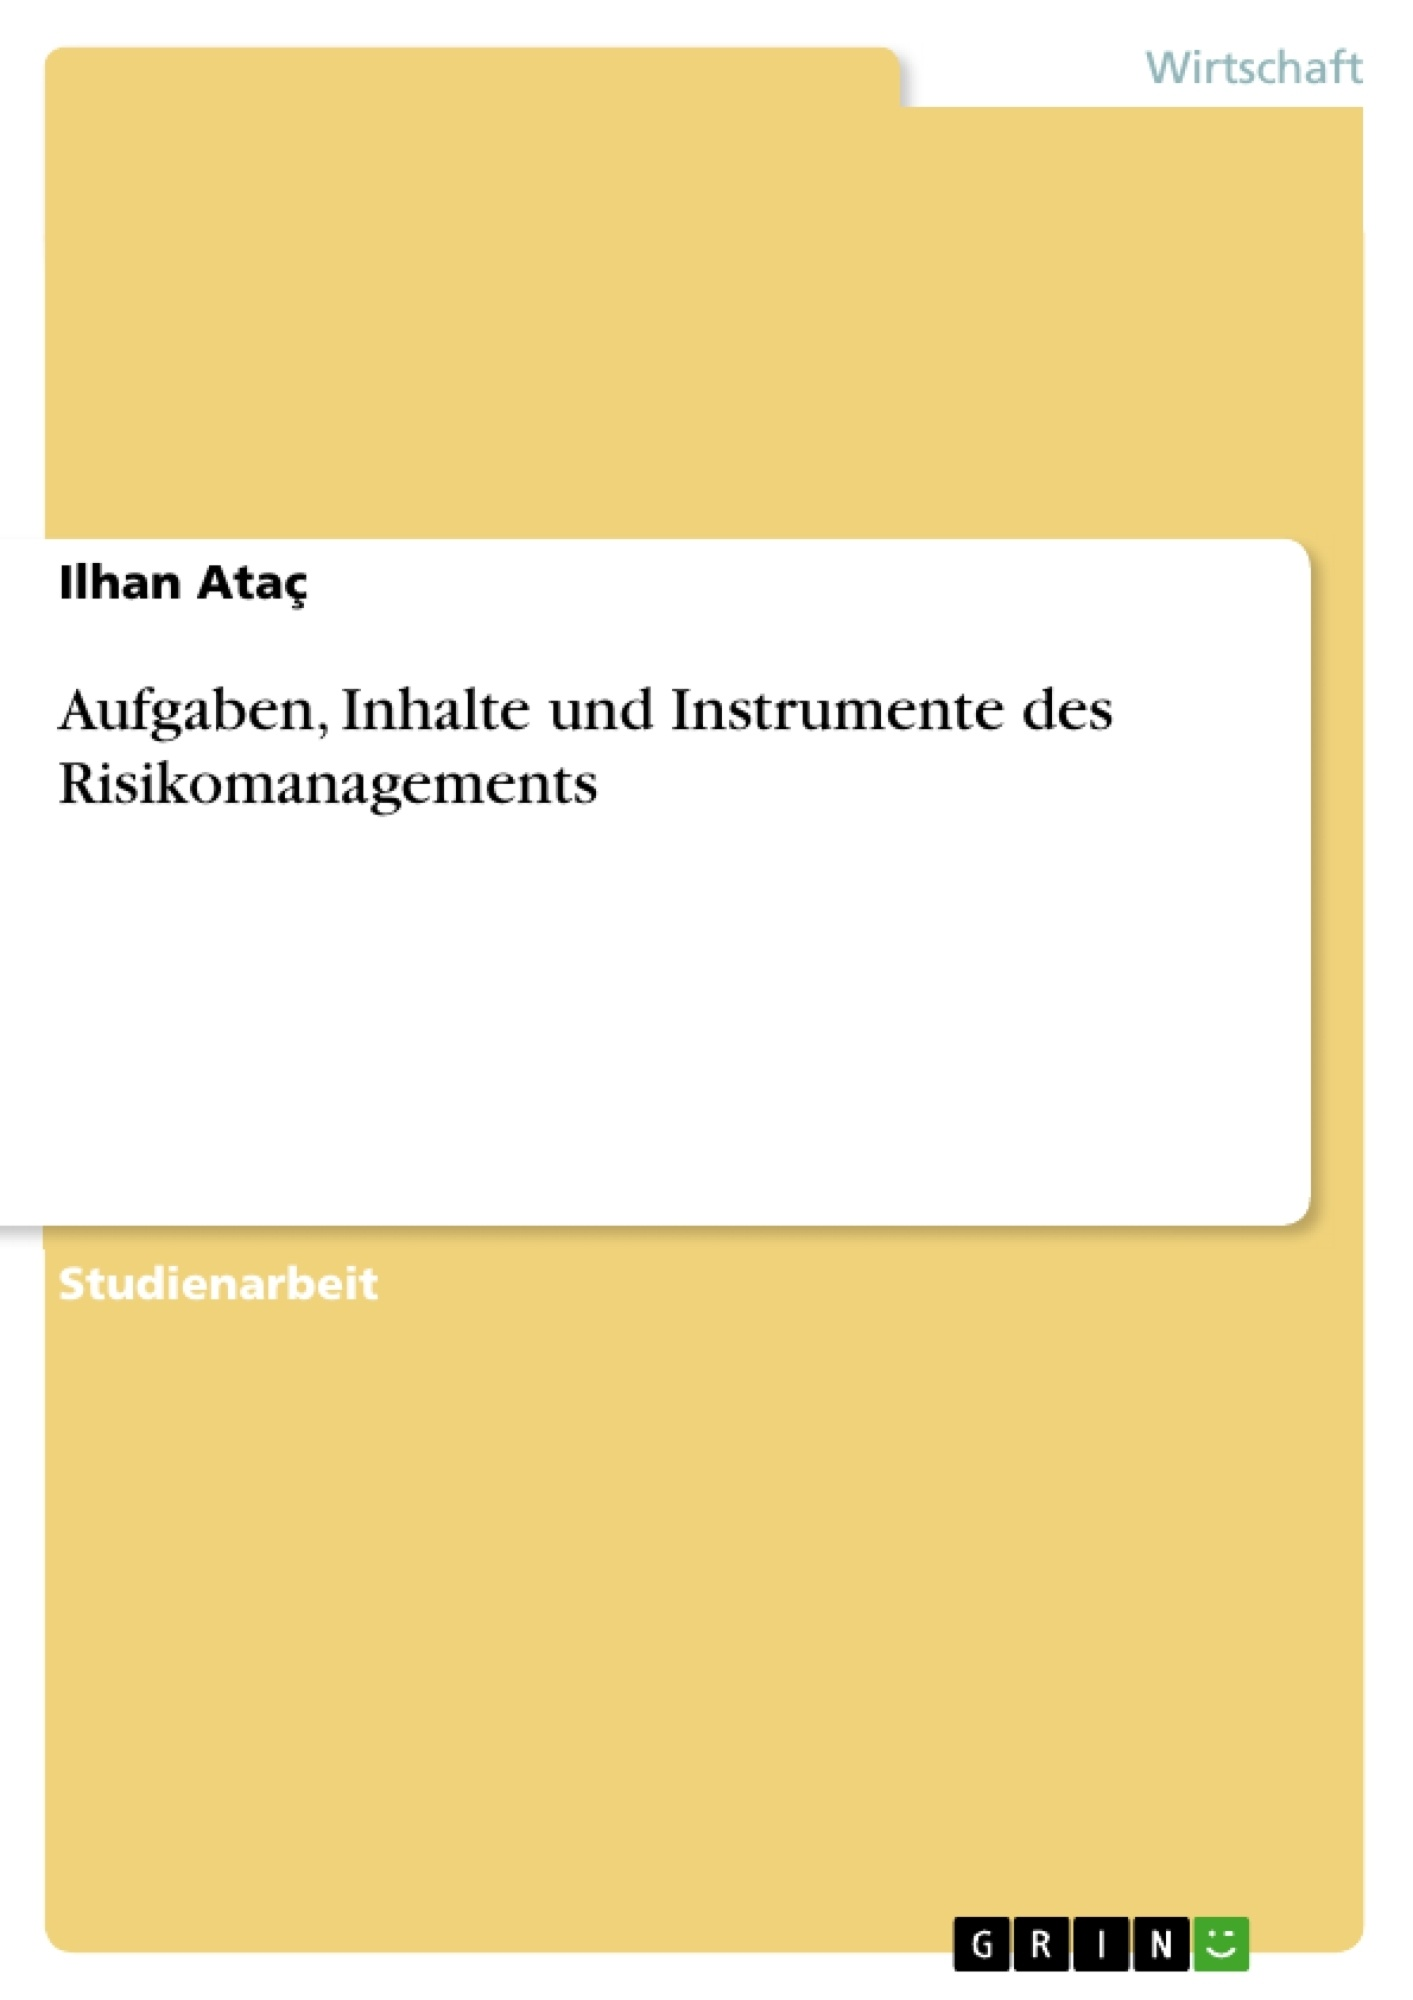 Titel: Aufgaben, Inhalte und Instrumente des Risikomanagements